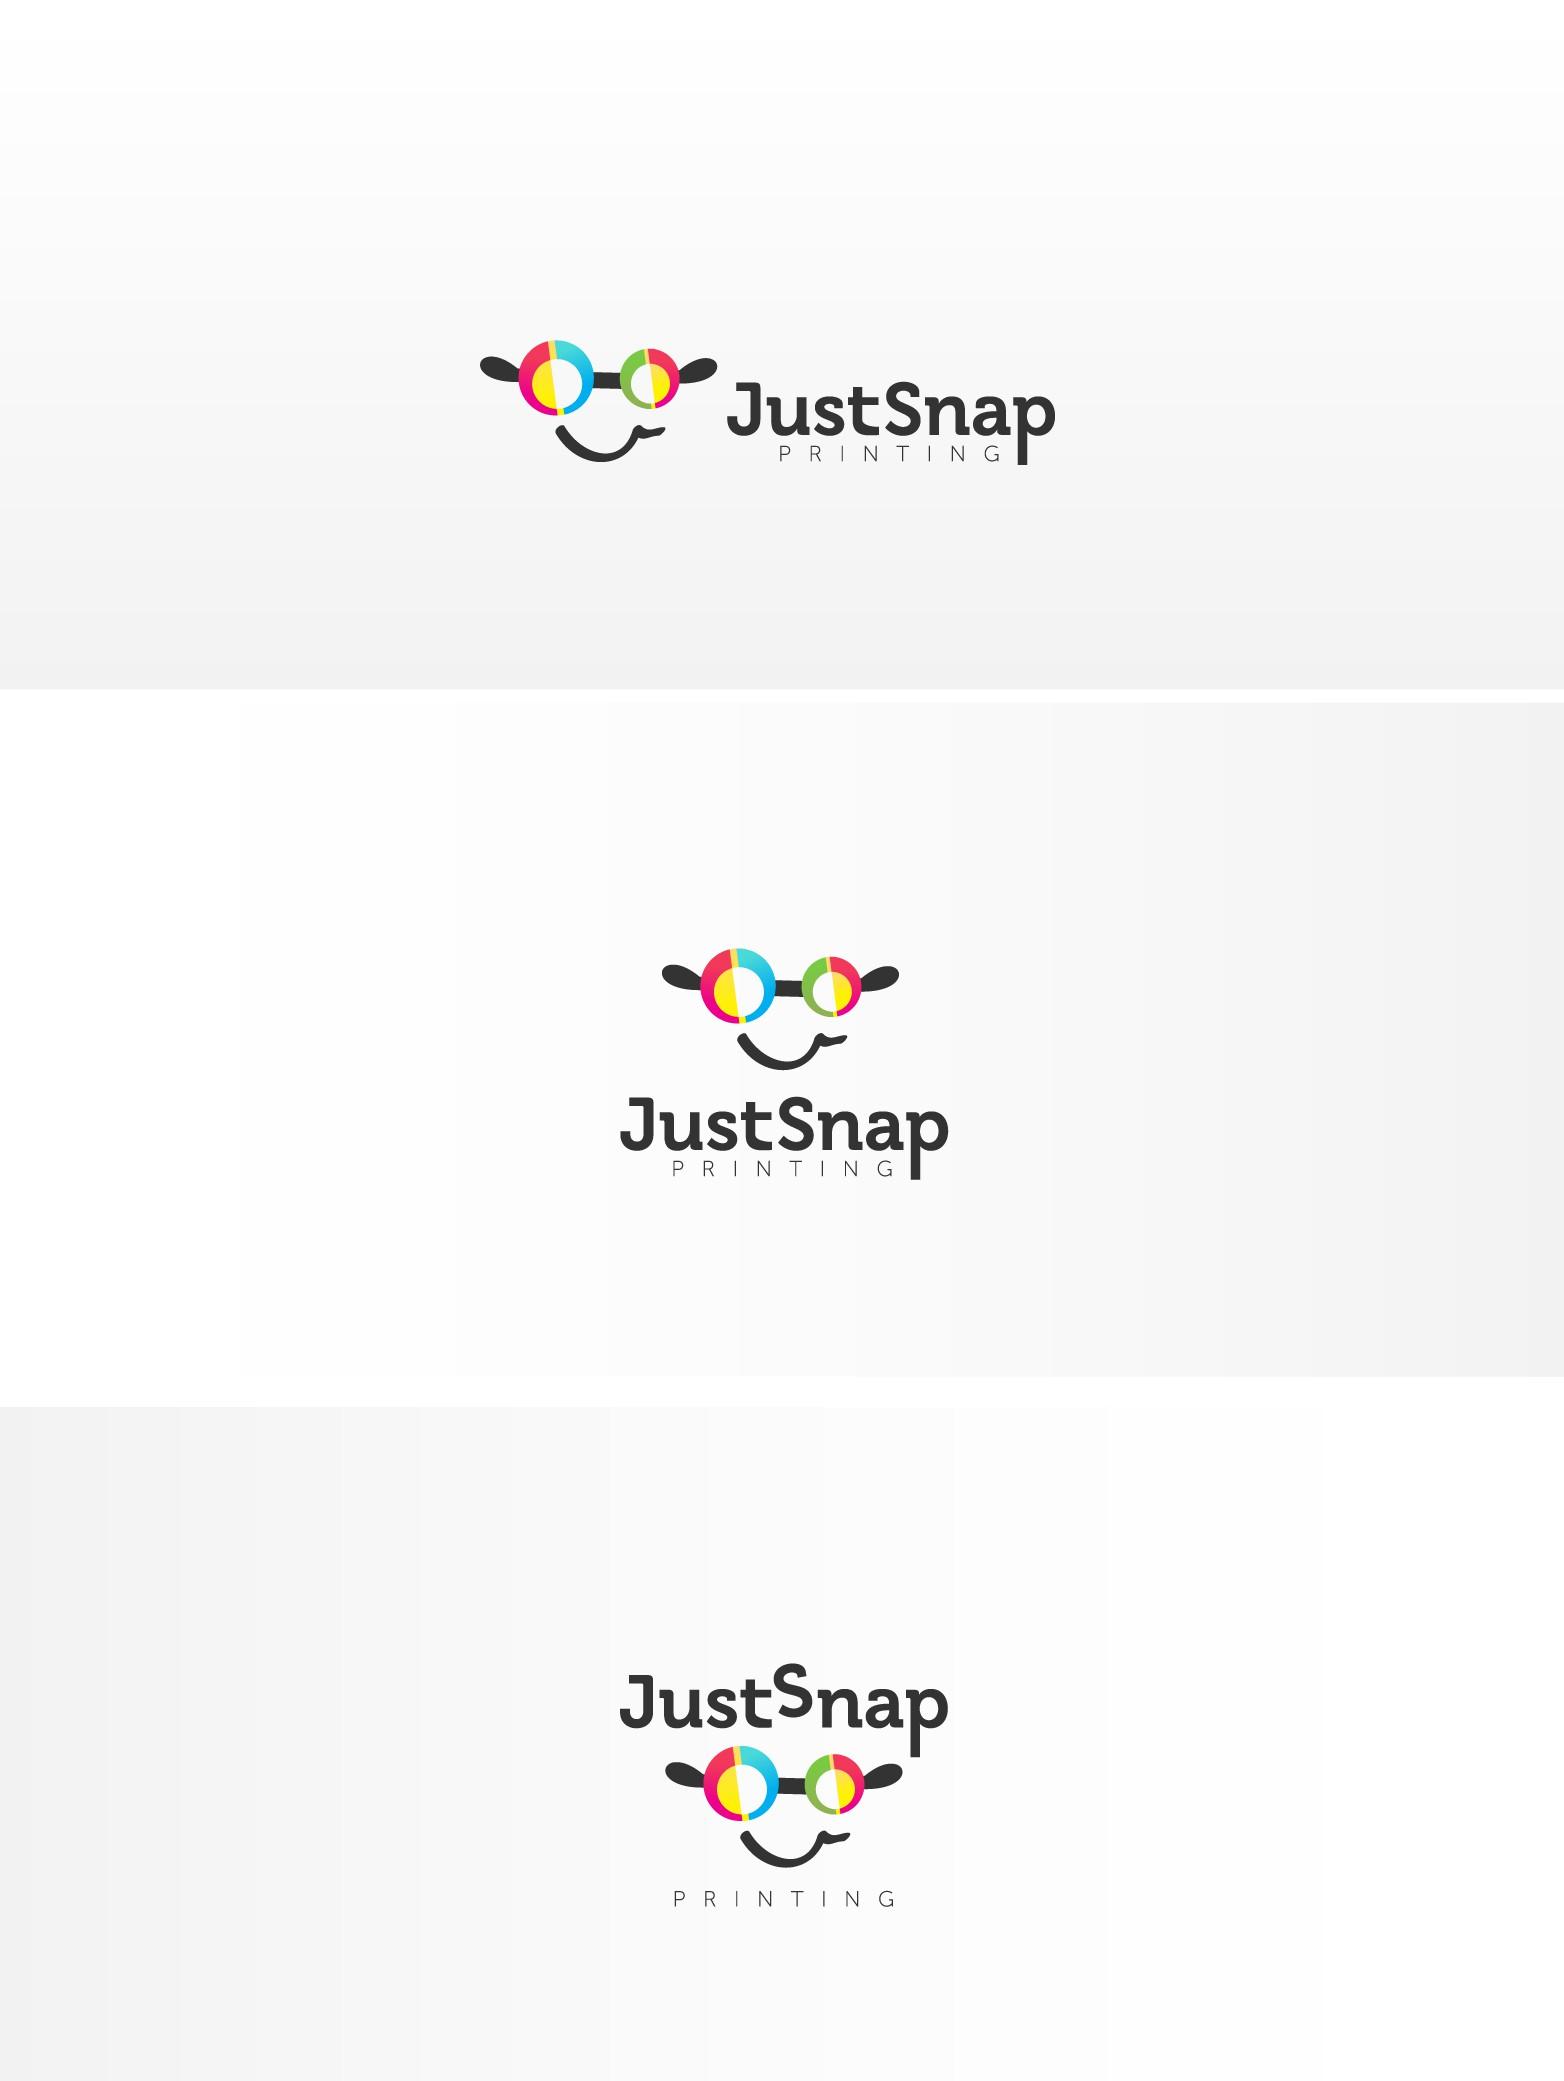 New logo wanted for JustSnap Printing